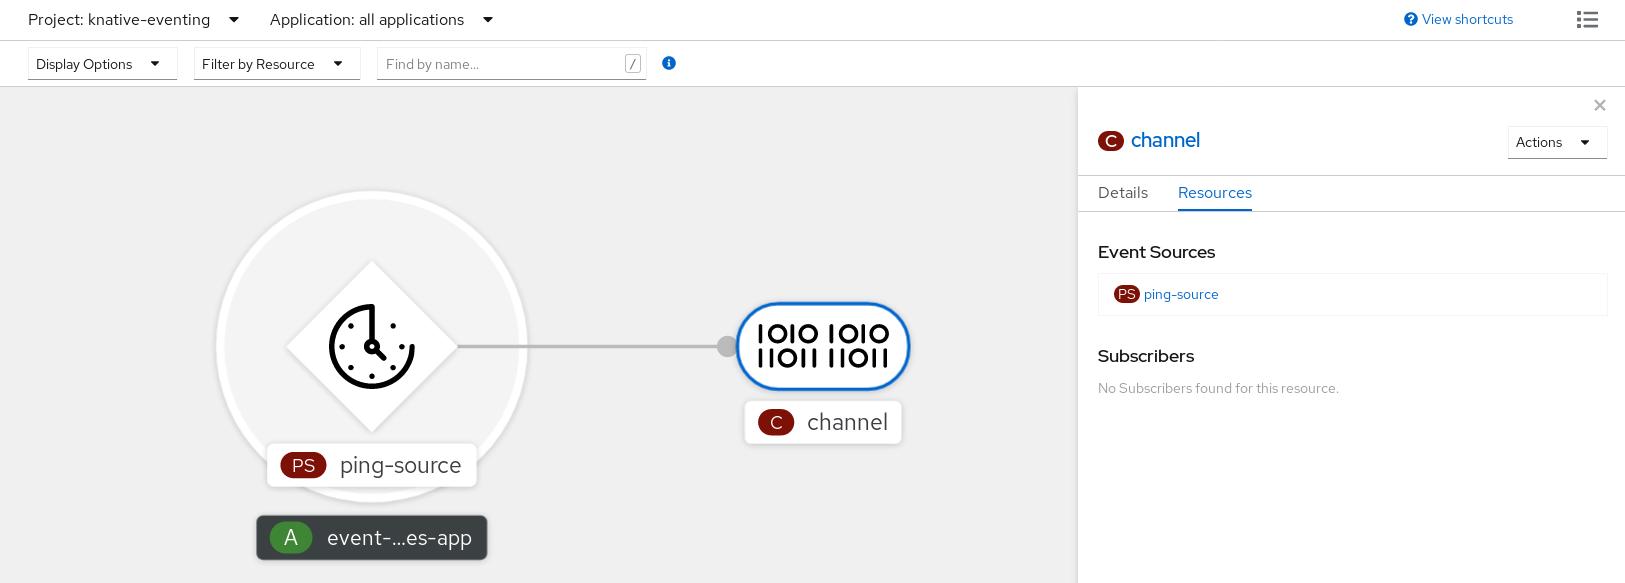 查看源和连接的频道